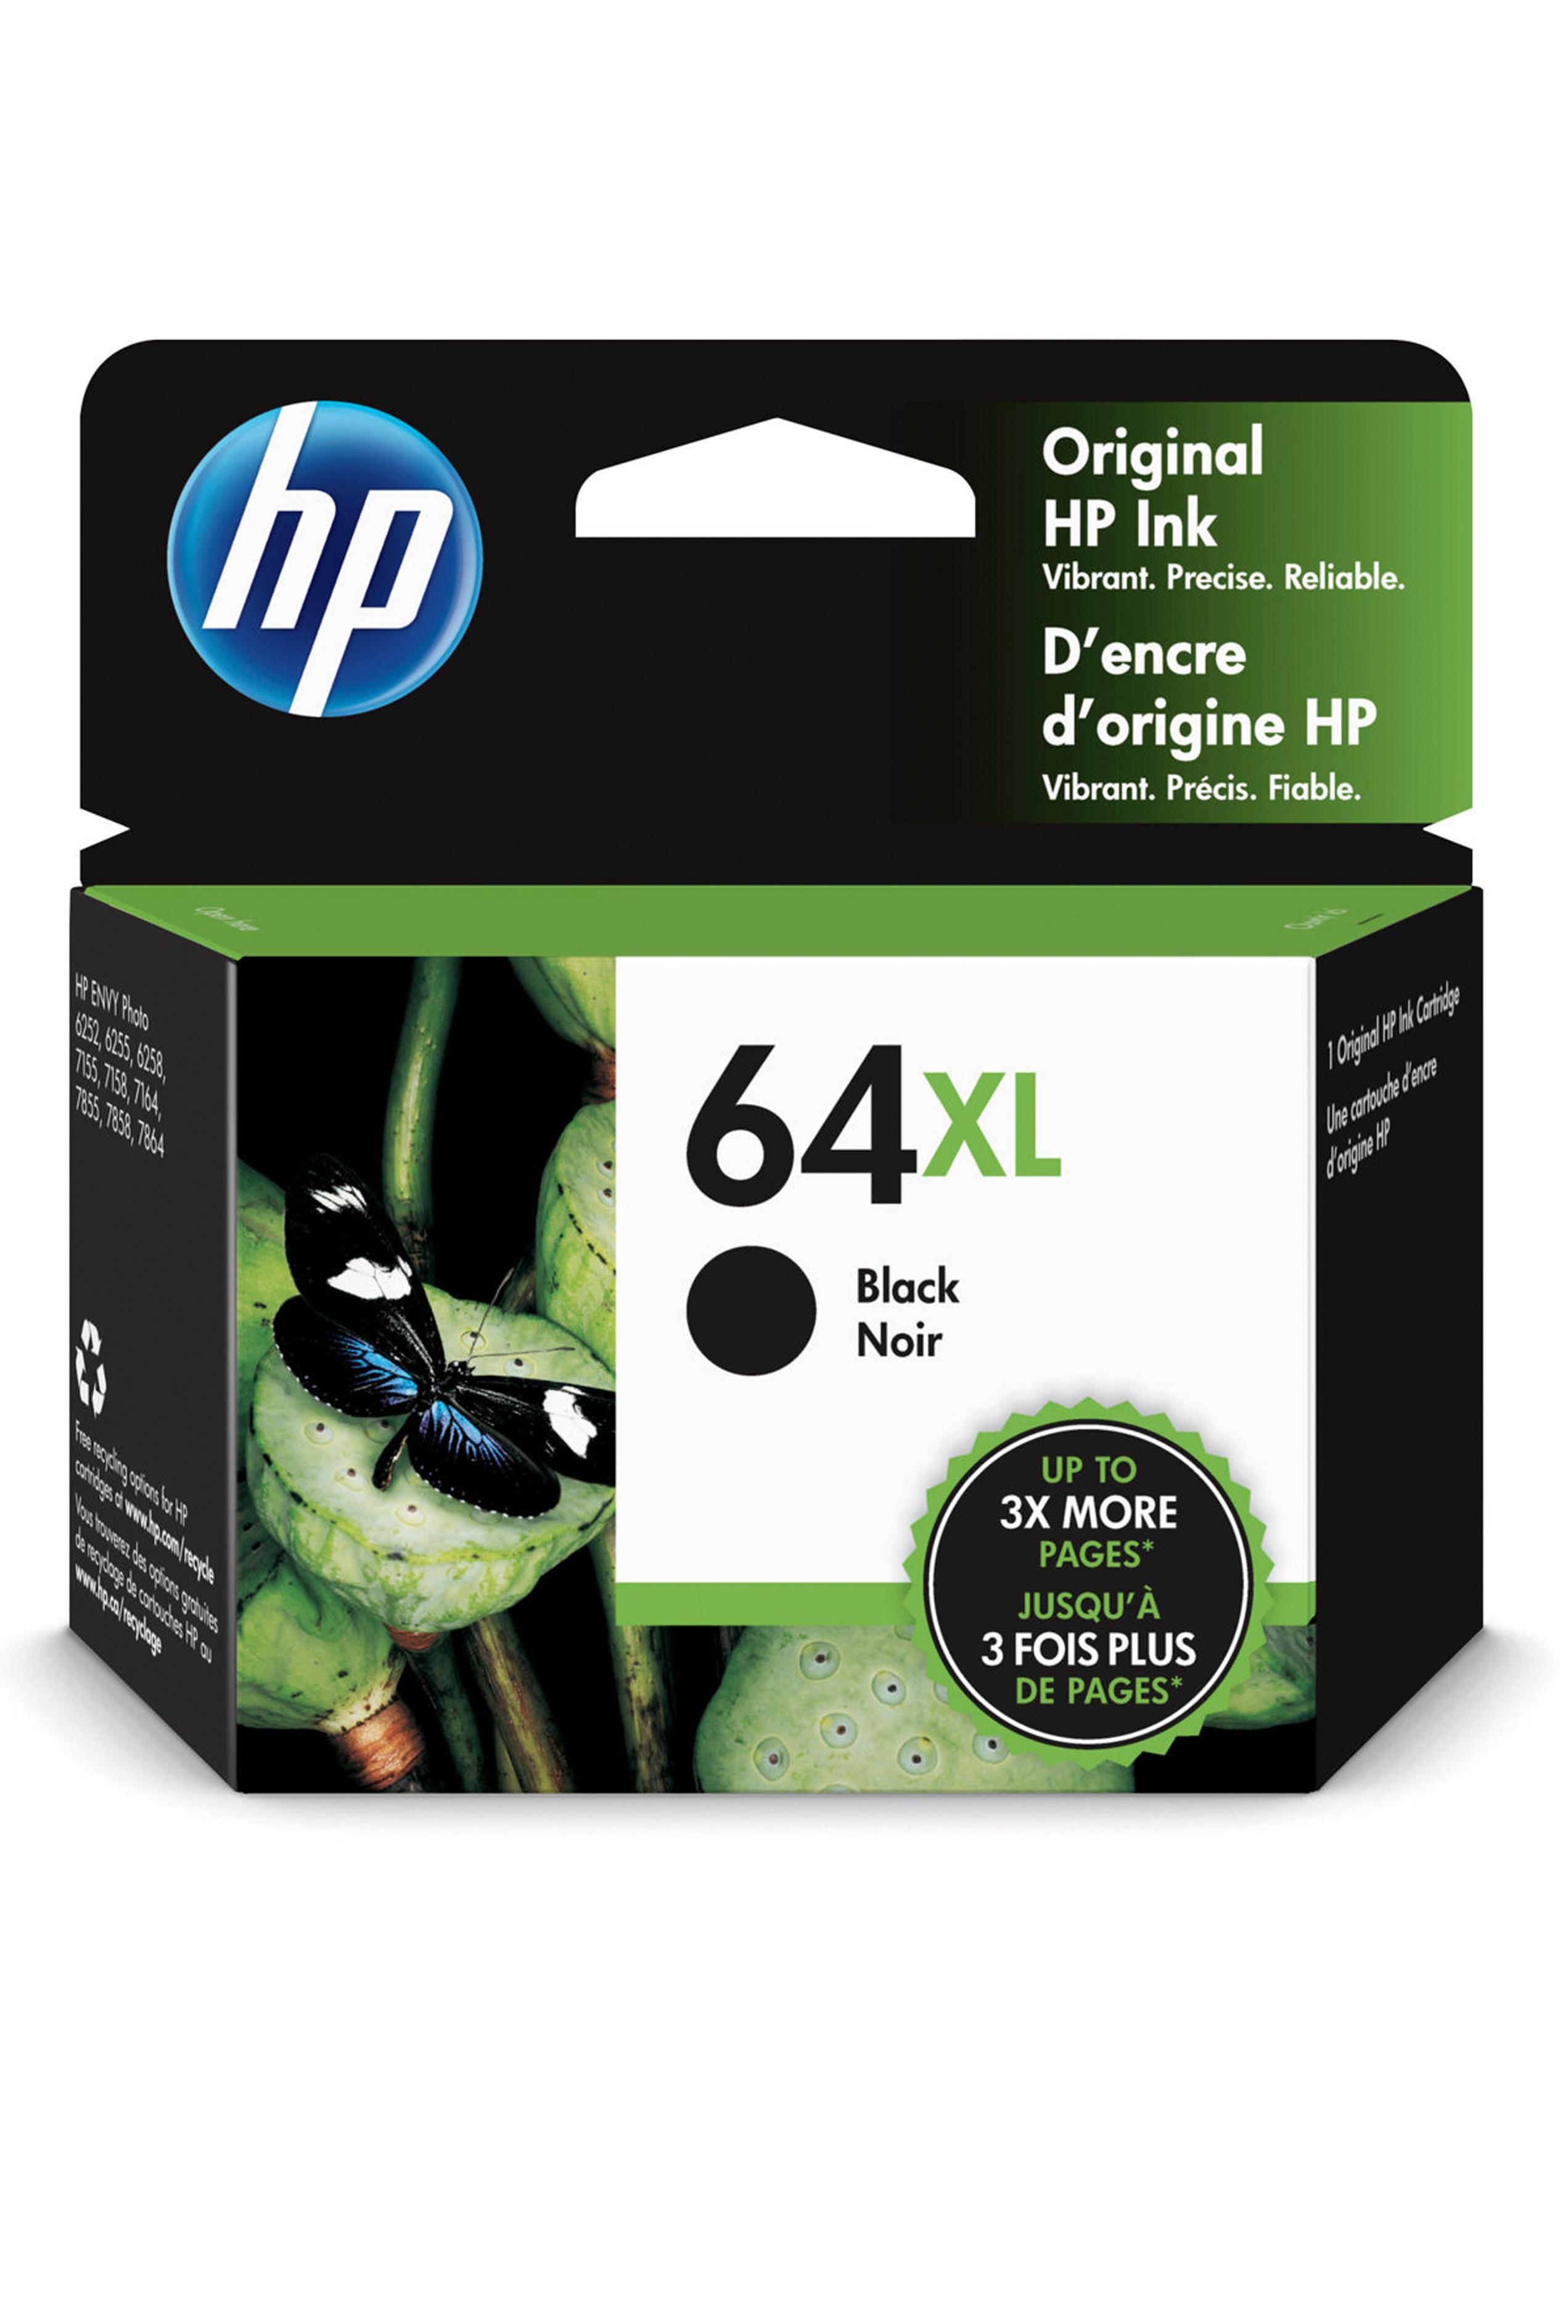 HP 64XL BLACK INK (N9J92AN)